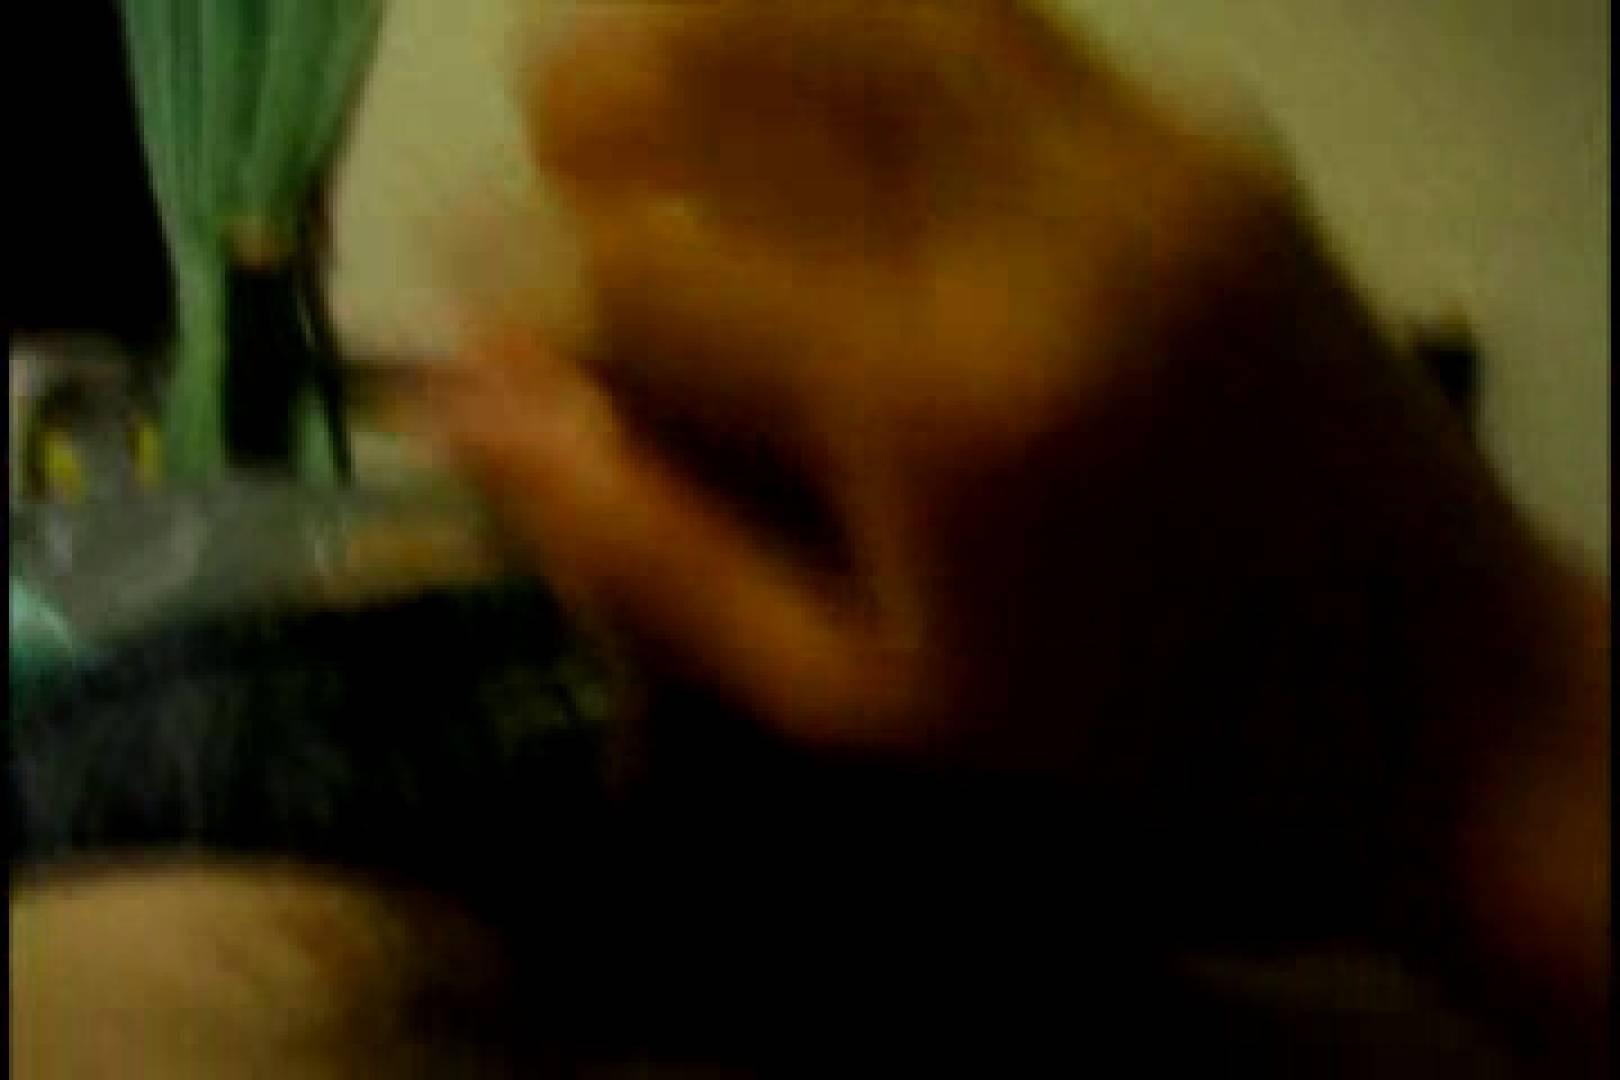 オナ好きノンケテニス部員の自画撮り投稿vol.05 射精男 ゲイエロ画像 76画像 39